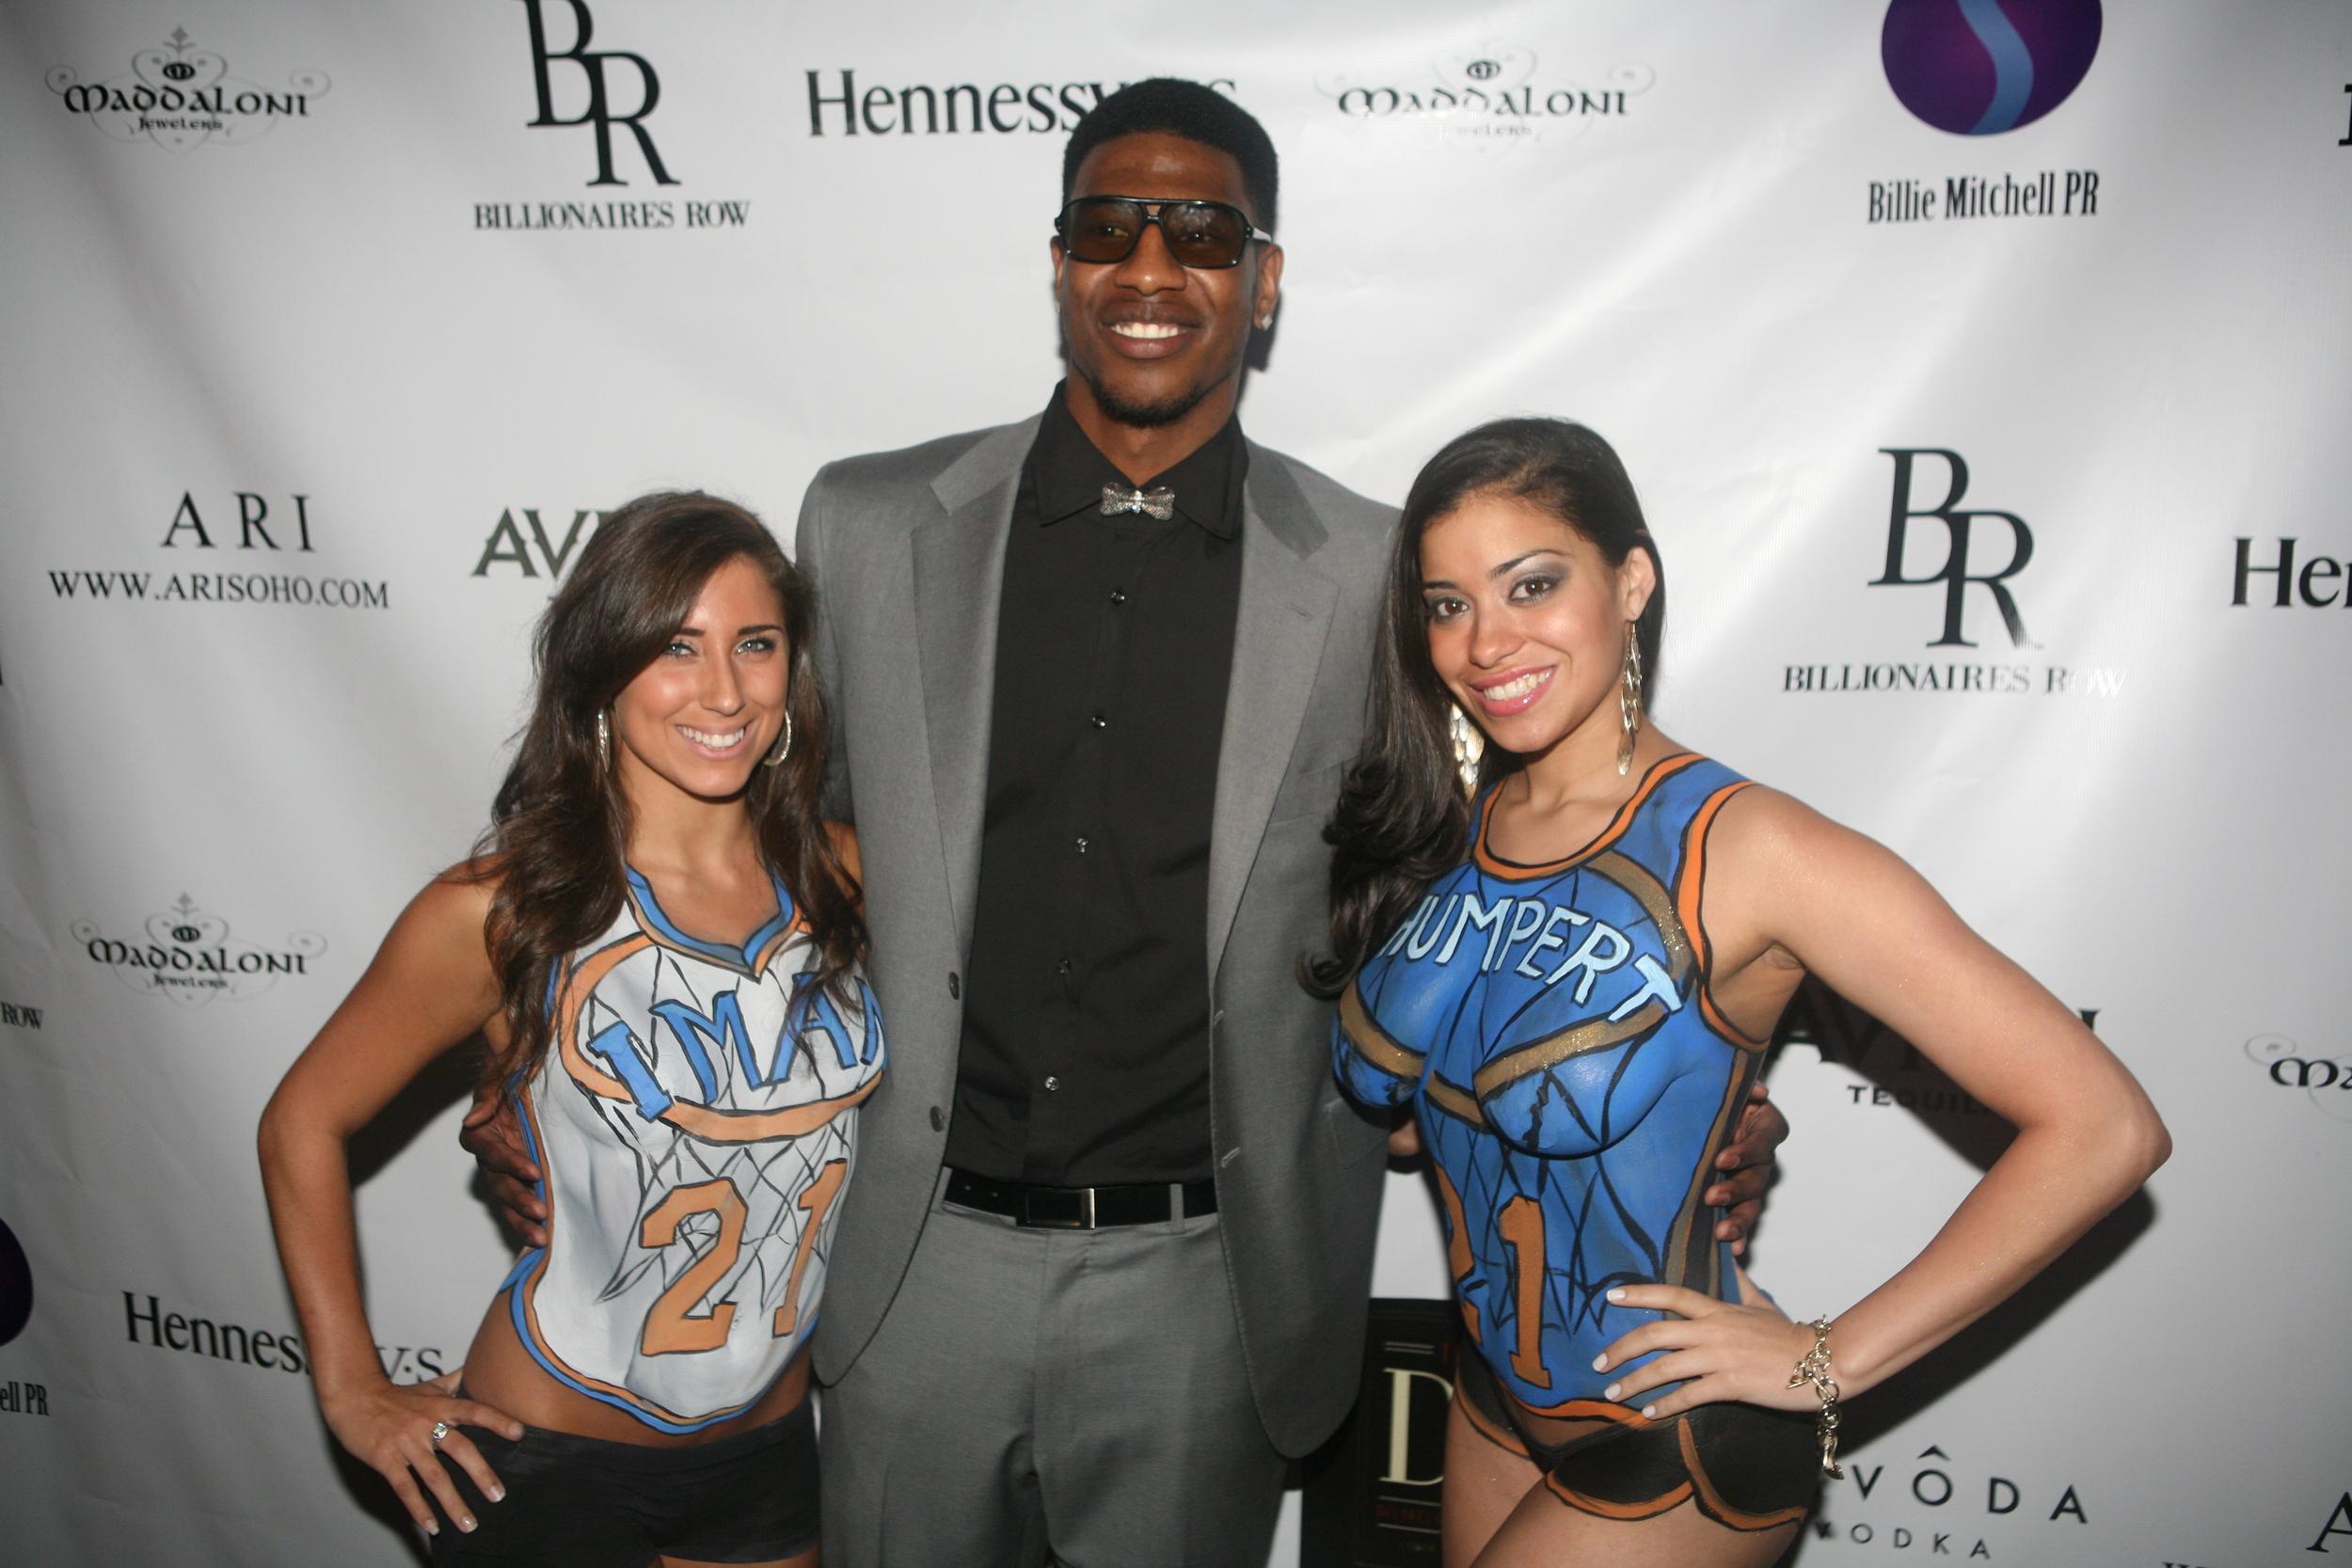 New York Knicks Player, Iman Shumpert